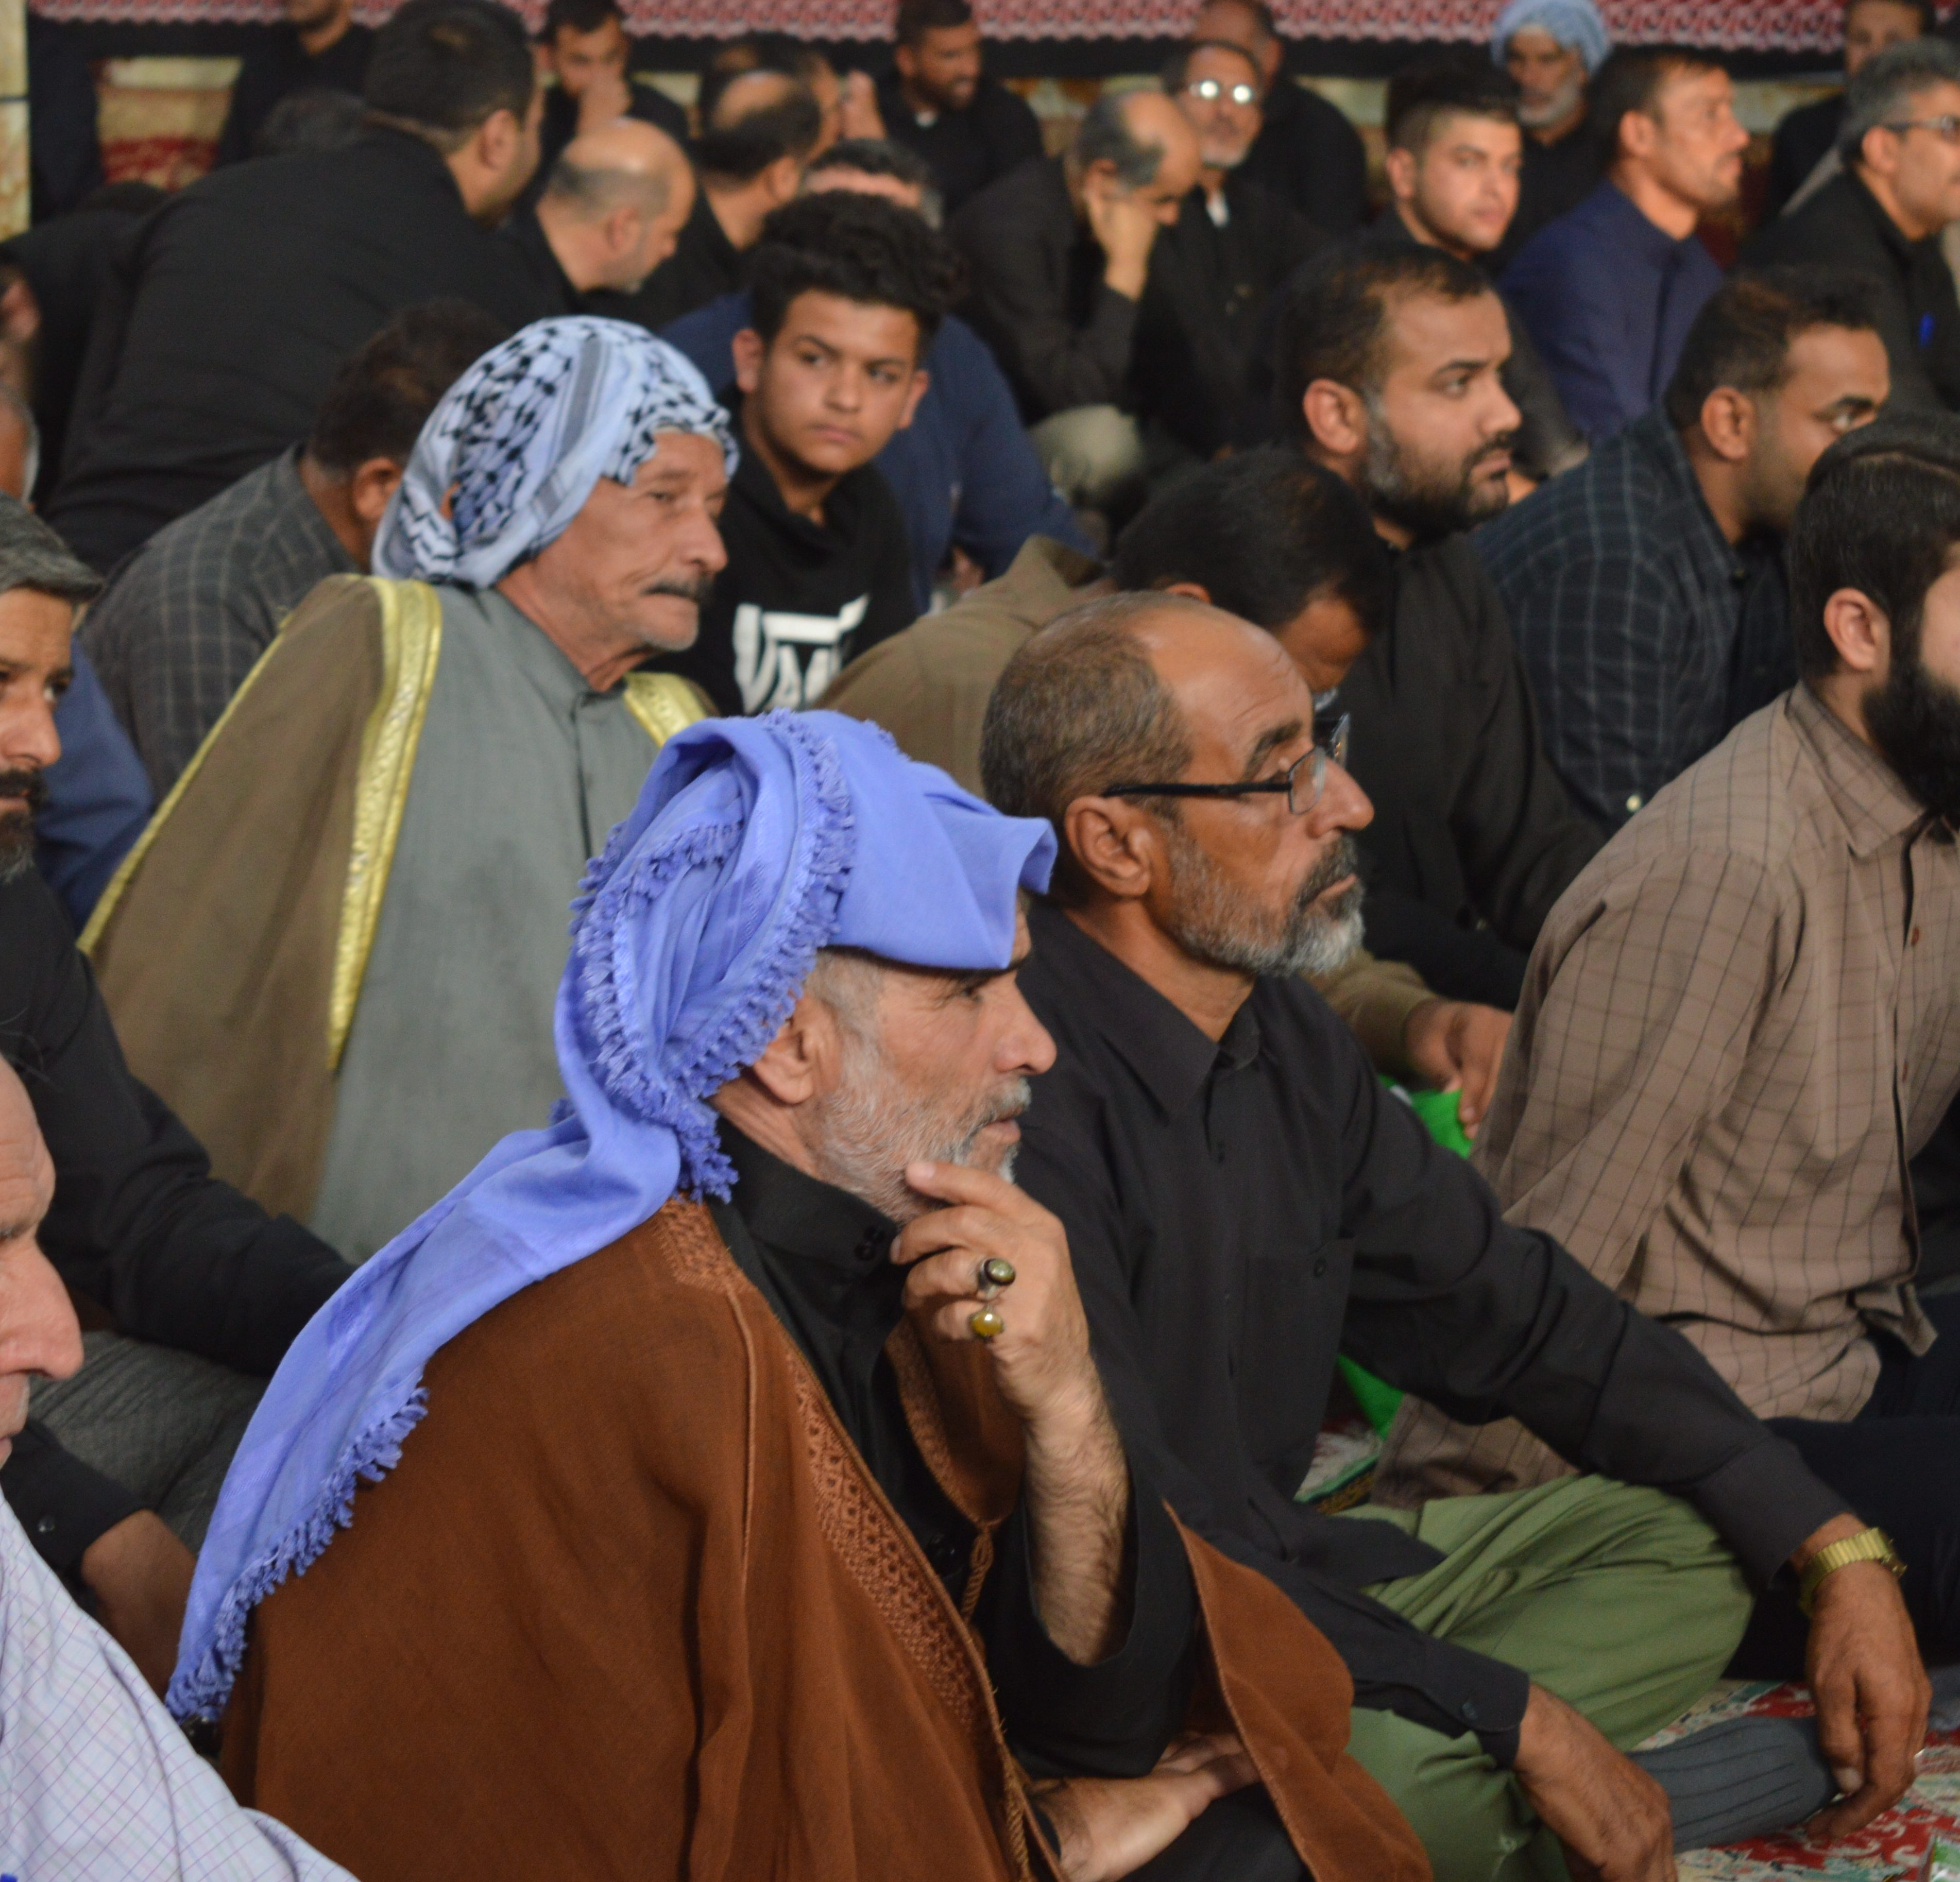 نشست مدیران مواکب حسینی شهر های خوزستان/تصویری